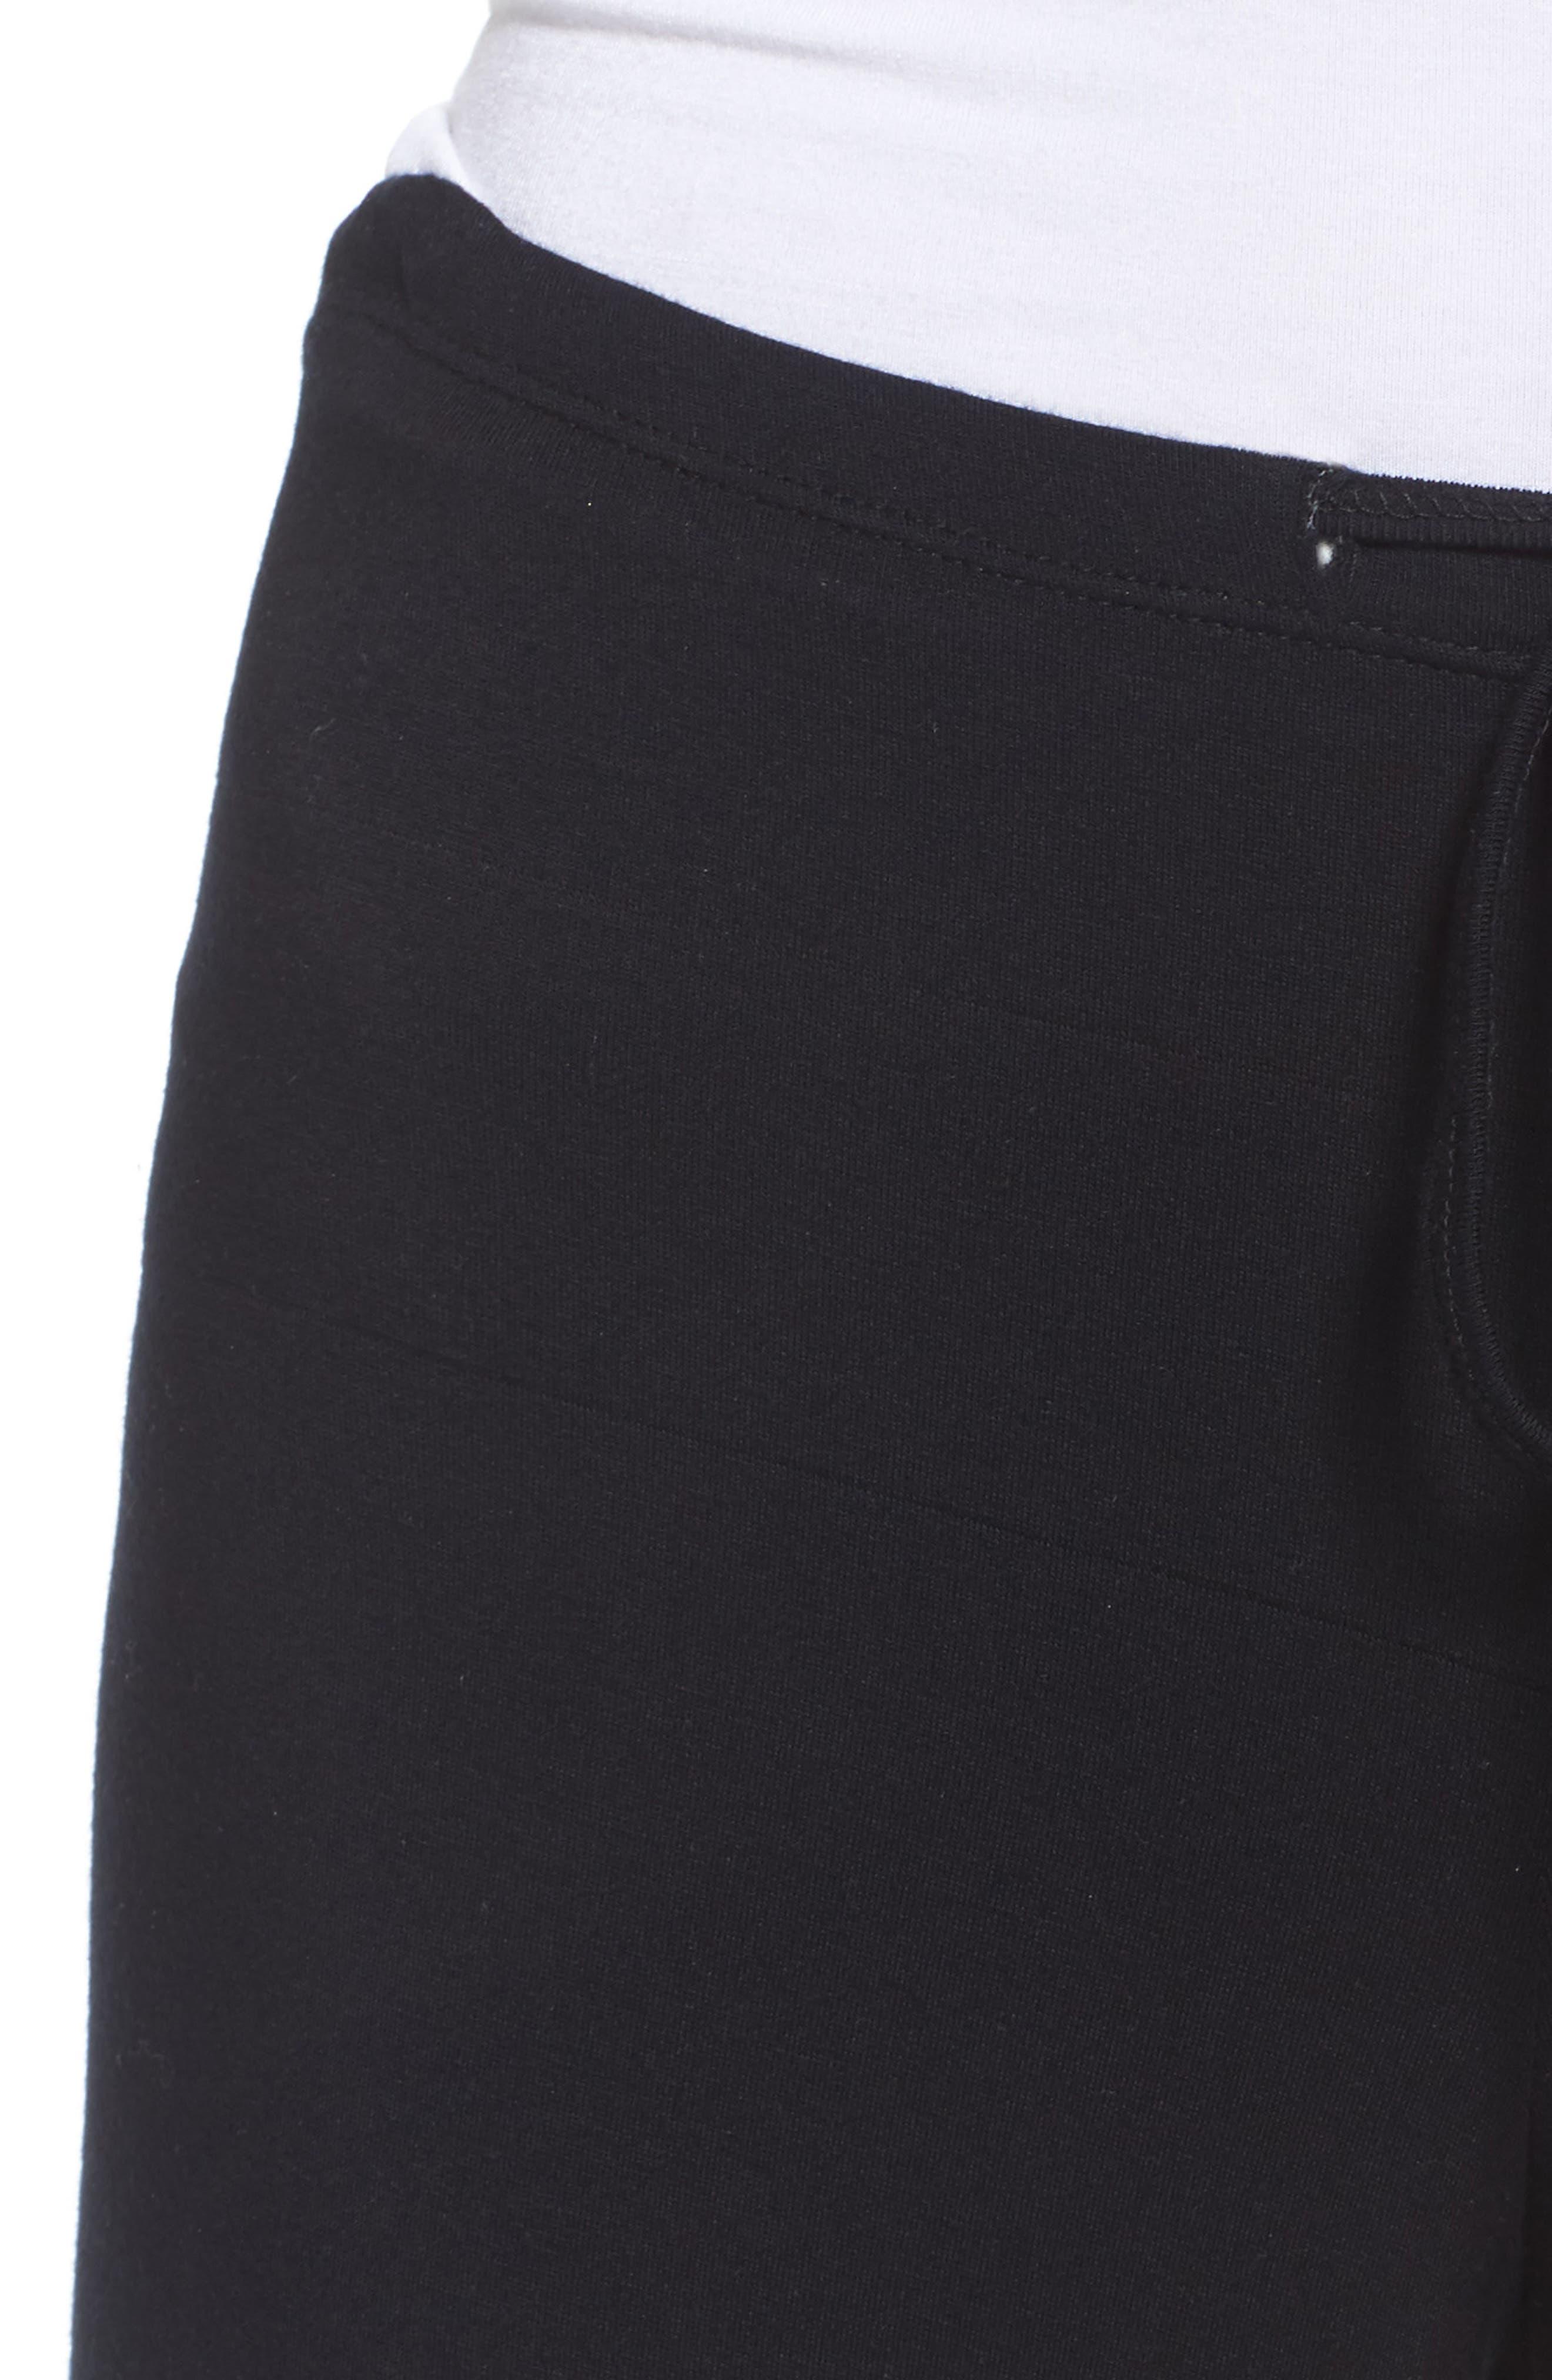 Golden Wide Leg Pants,                             Alternate thumbnail 4, color,                             001